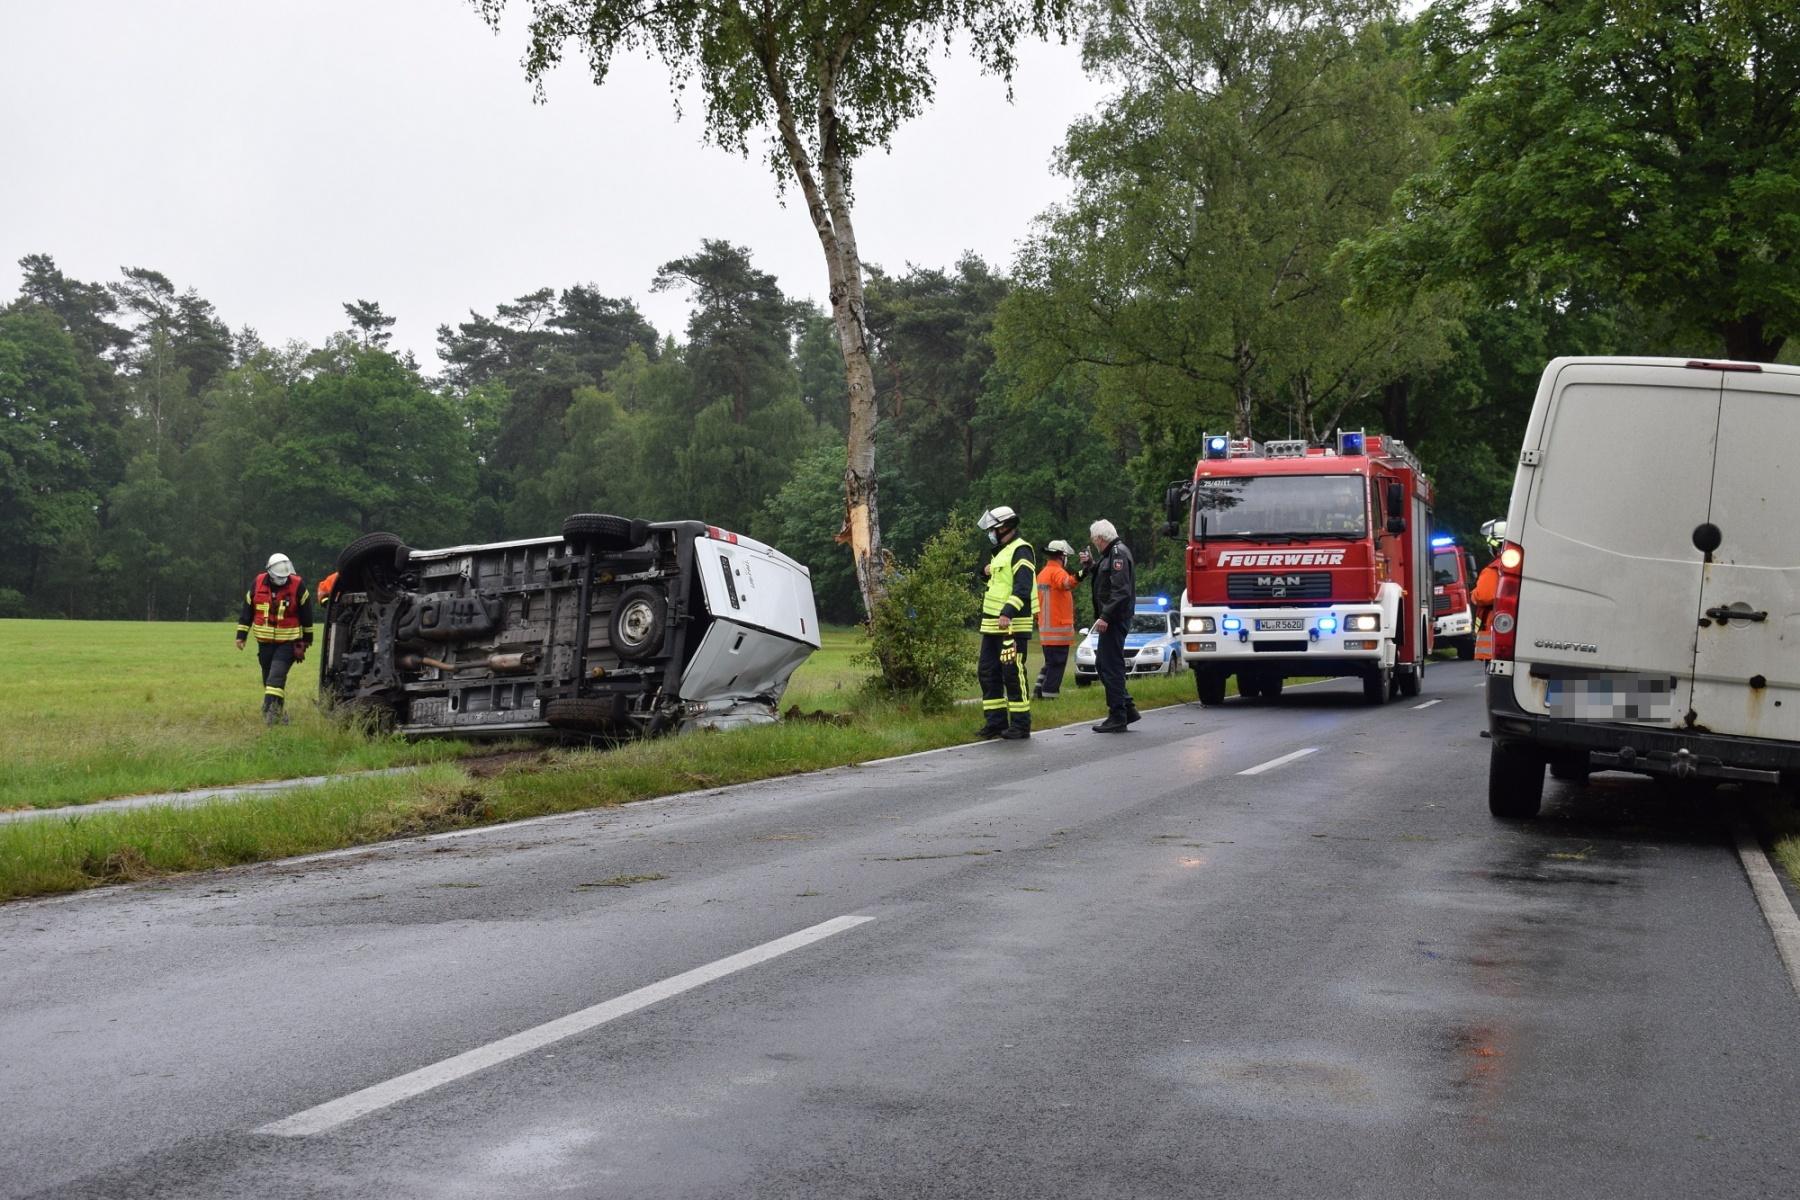 2020_06_11_Verkehrsunfall-Hanstedt-Bild-4